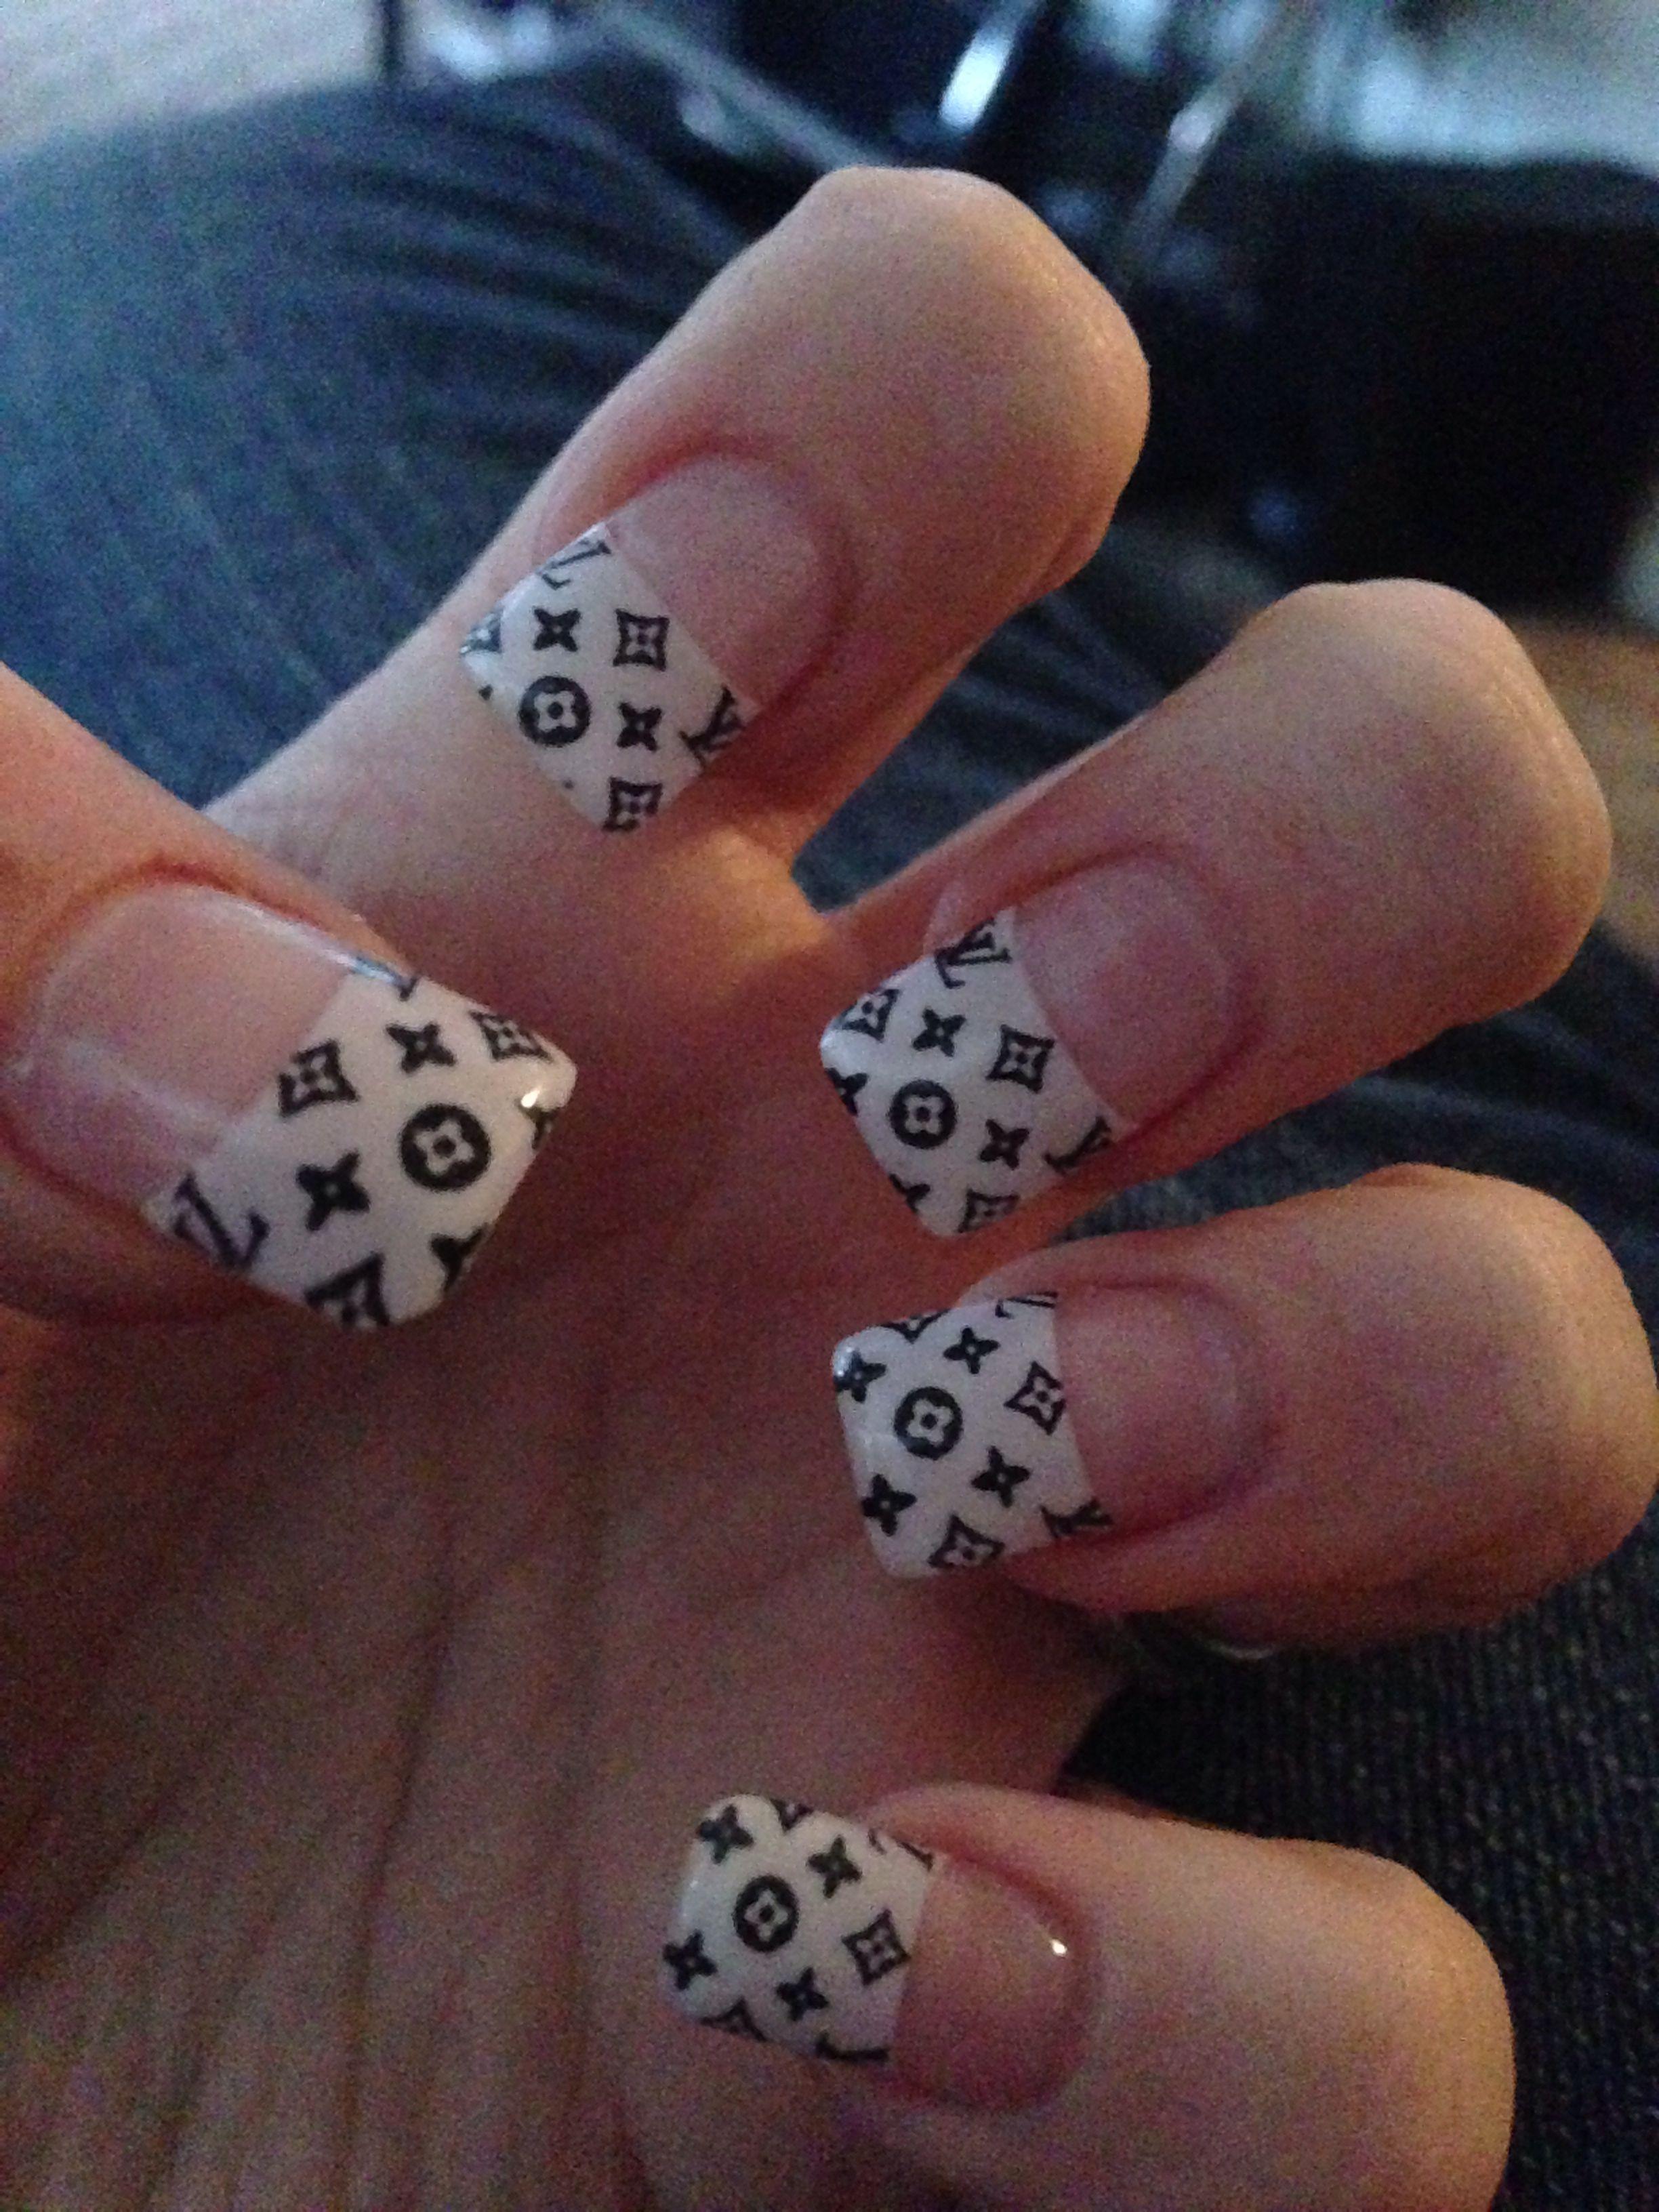 Louis Vuitton nails | Nails!!! | Pinterest | Louis vuitton and Manicure